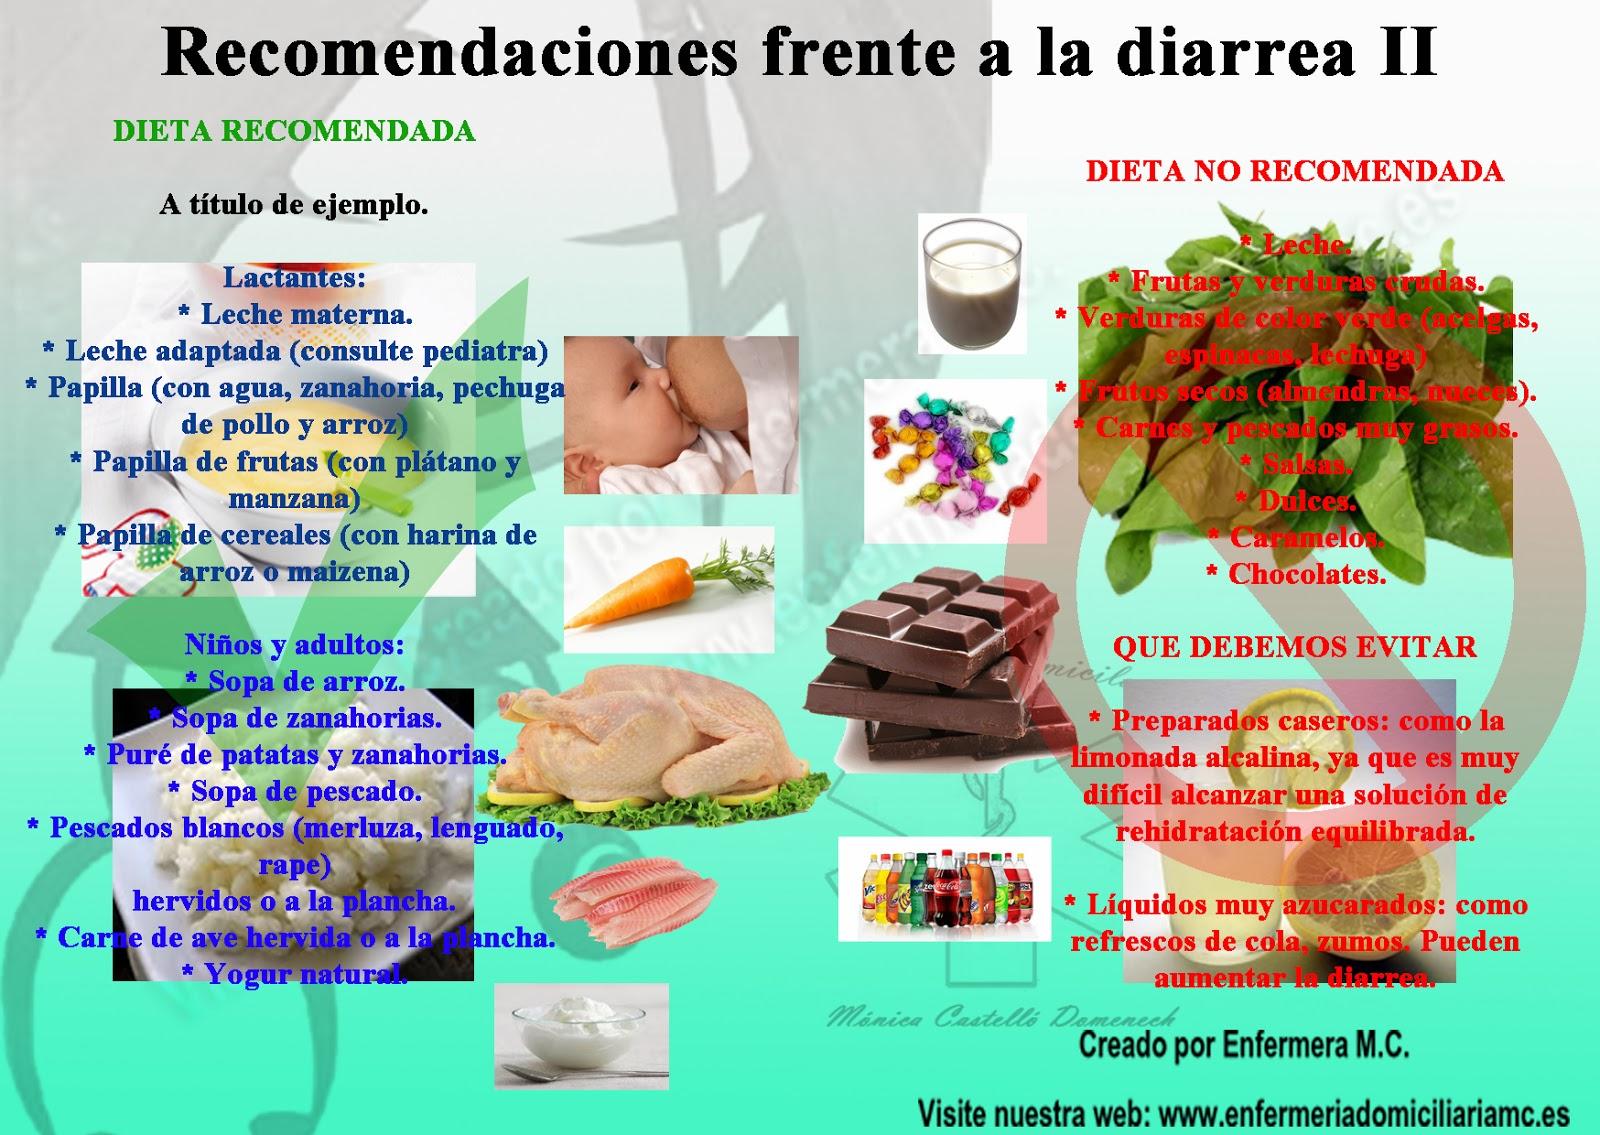 Dieta para gastroenteritis en ninos con vomitos